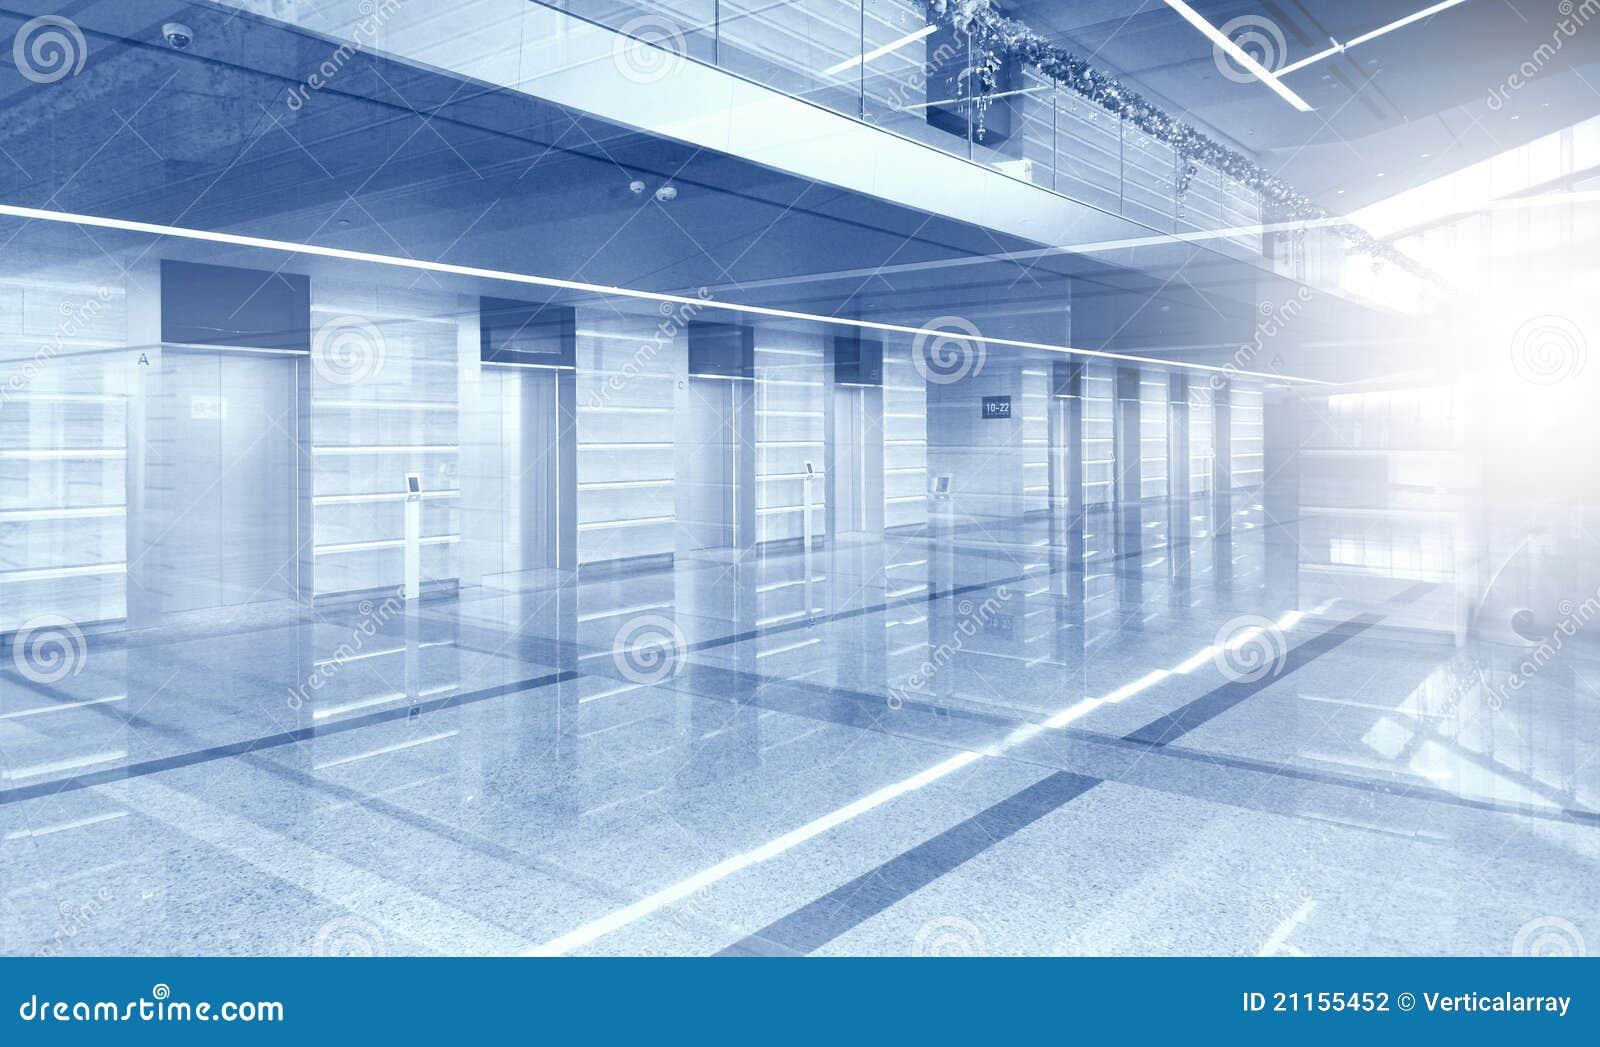 Unternehmensvorhalle